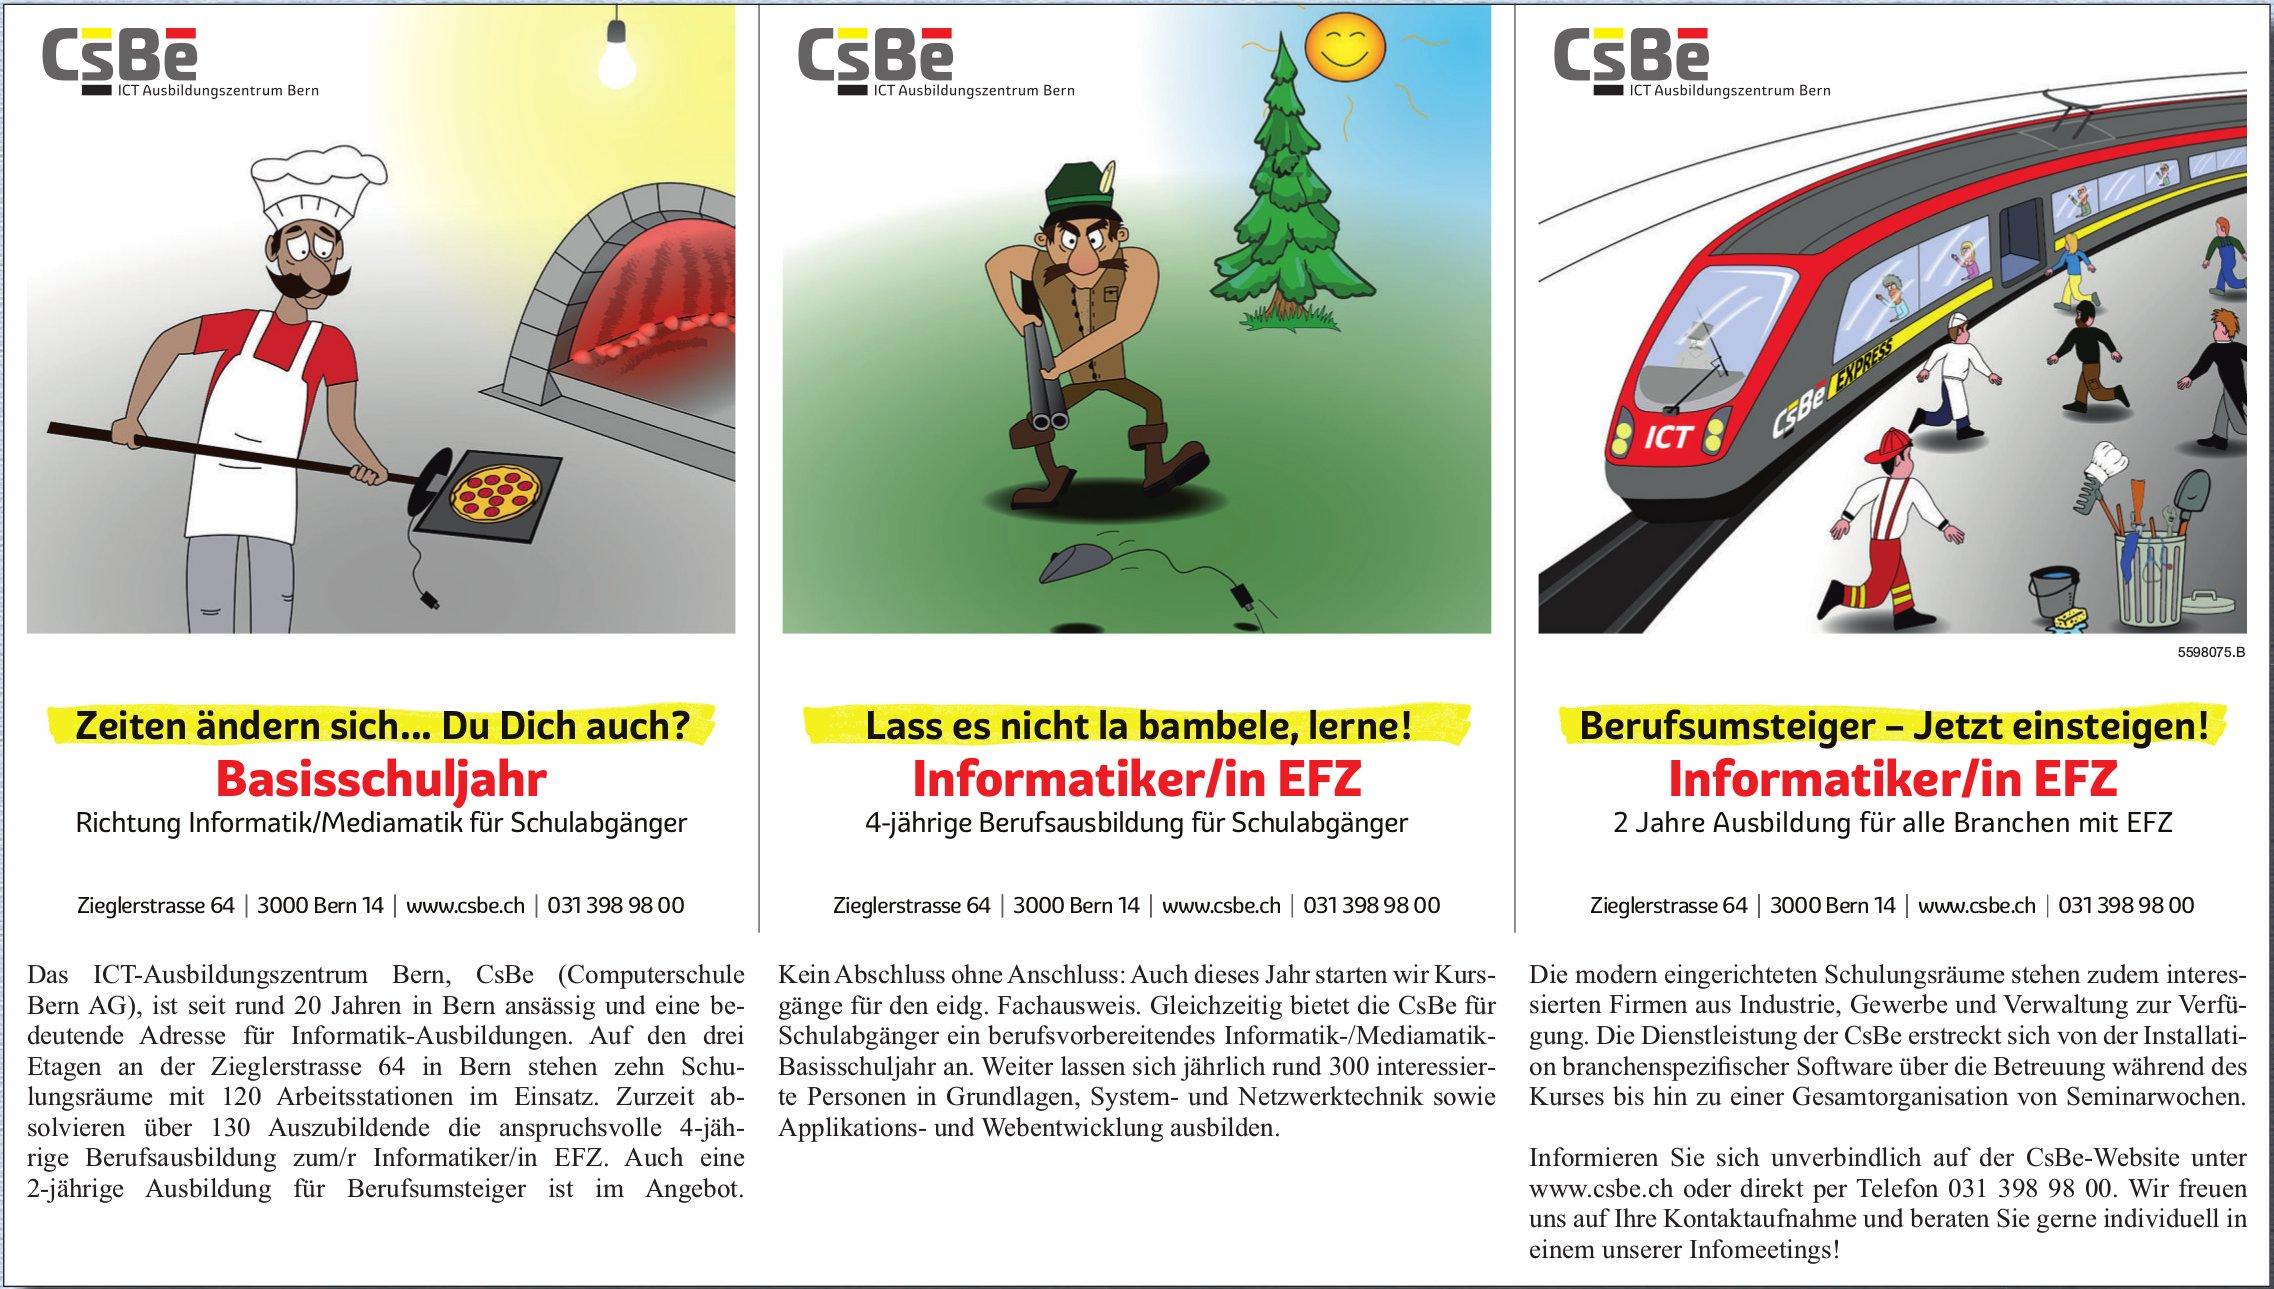 CsBe - ICT Ausbildungszentrum Bern